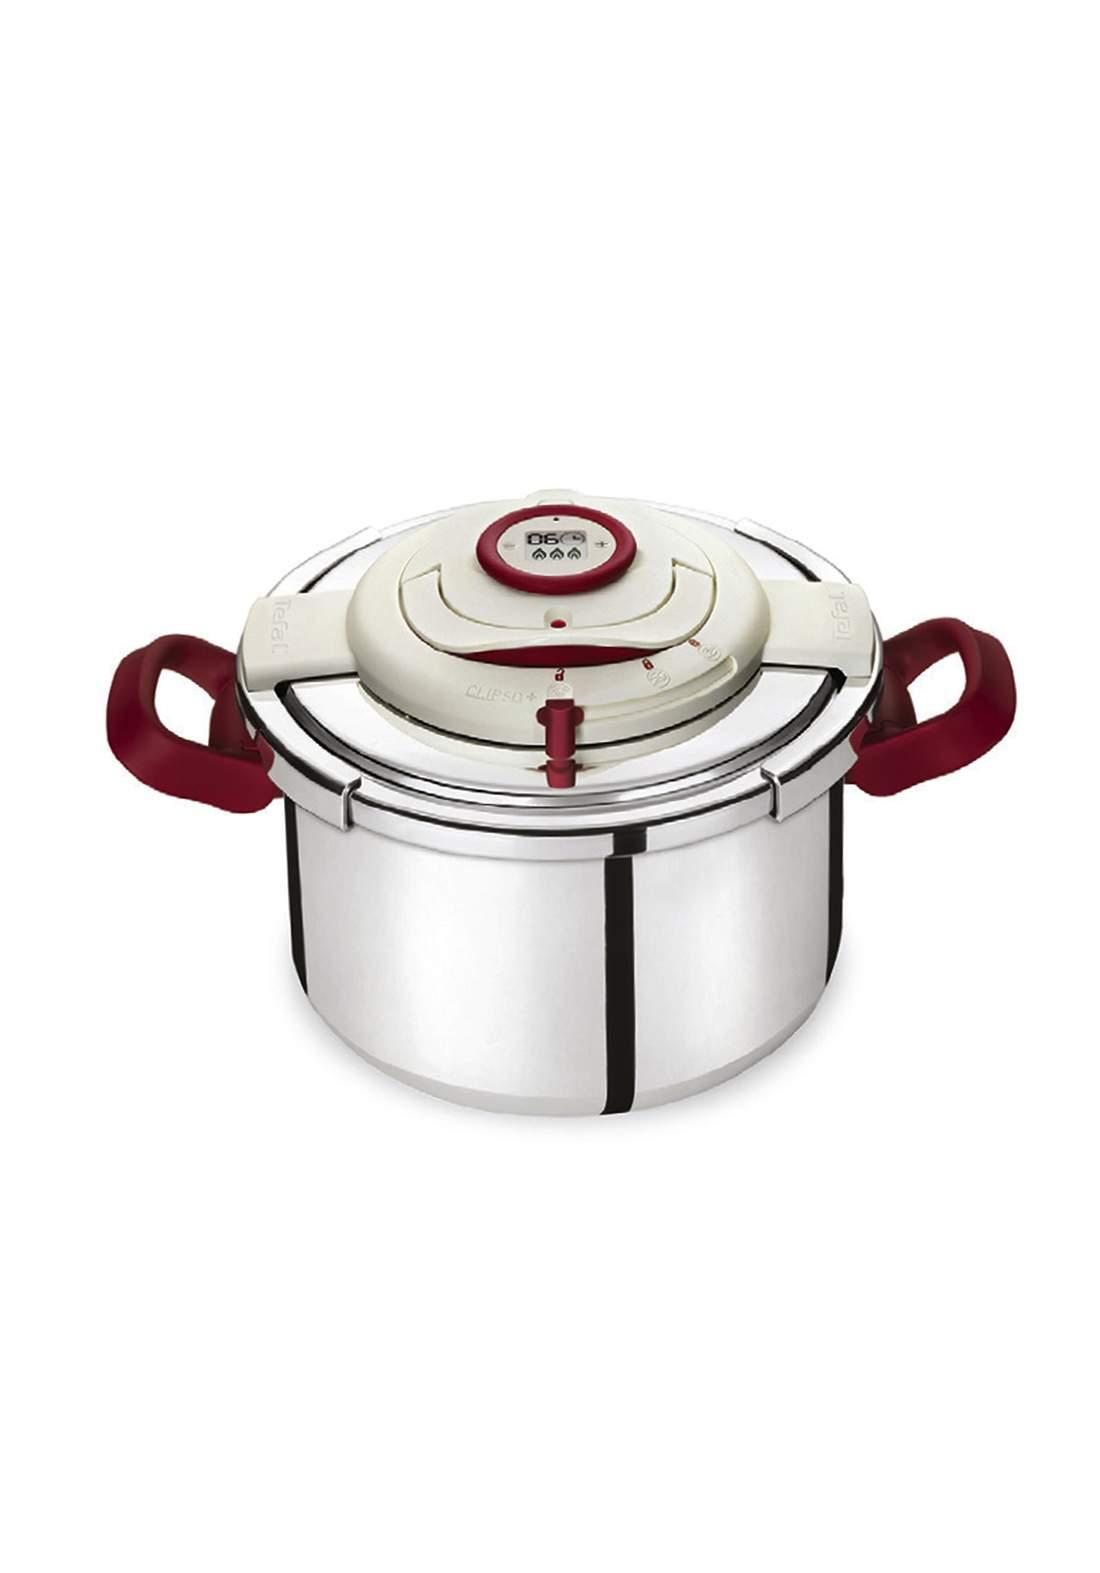 Tefal P4411462 Clipso Perfect Pressure Cooker 8L قدر ضغط مع مؤقت